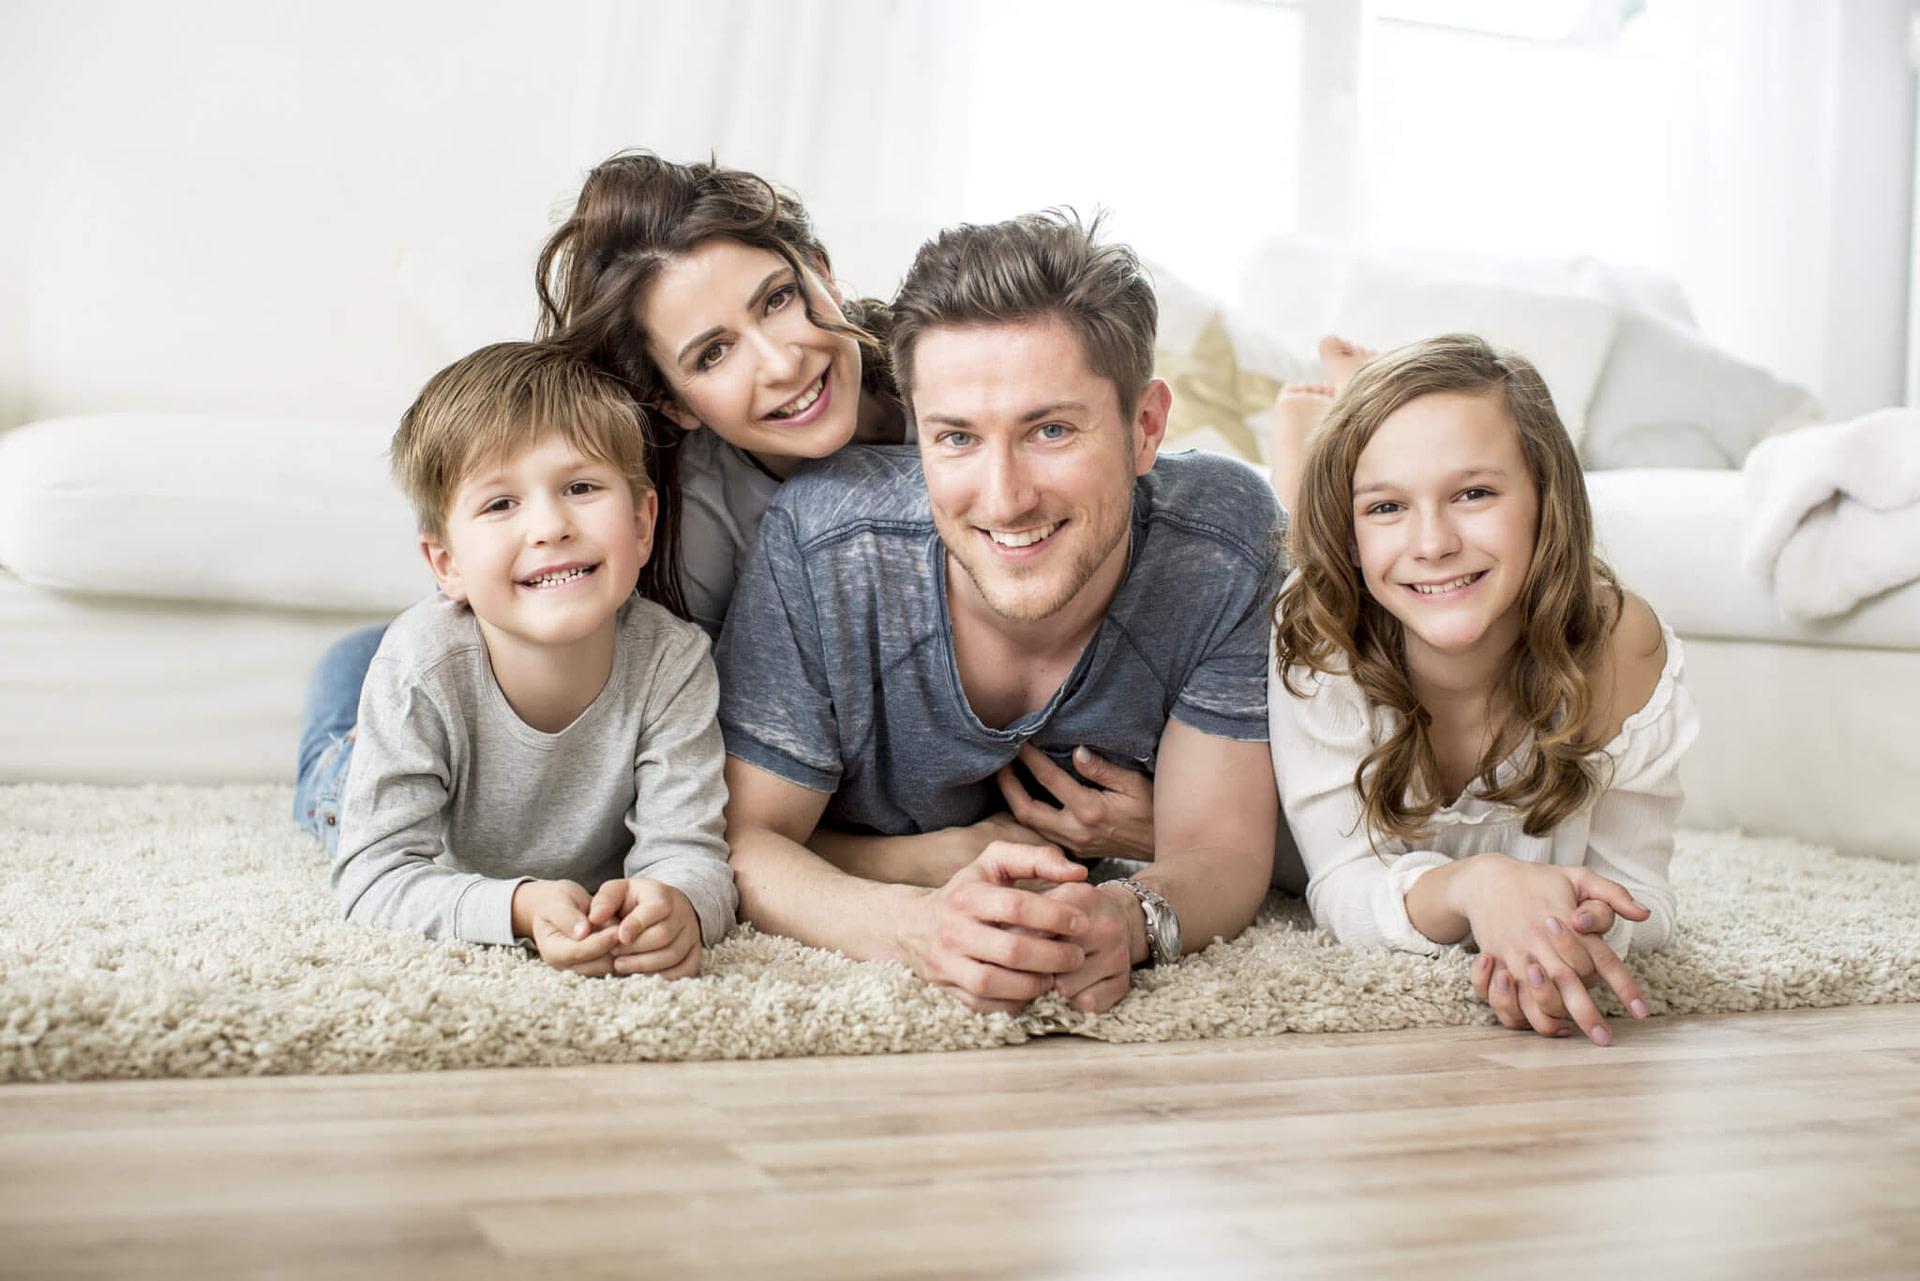 Glückliche Familie im Wohnzimmer.